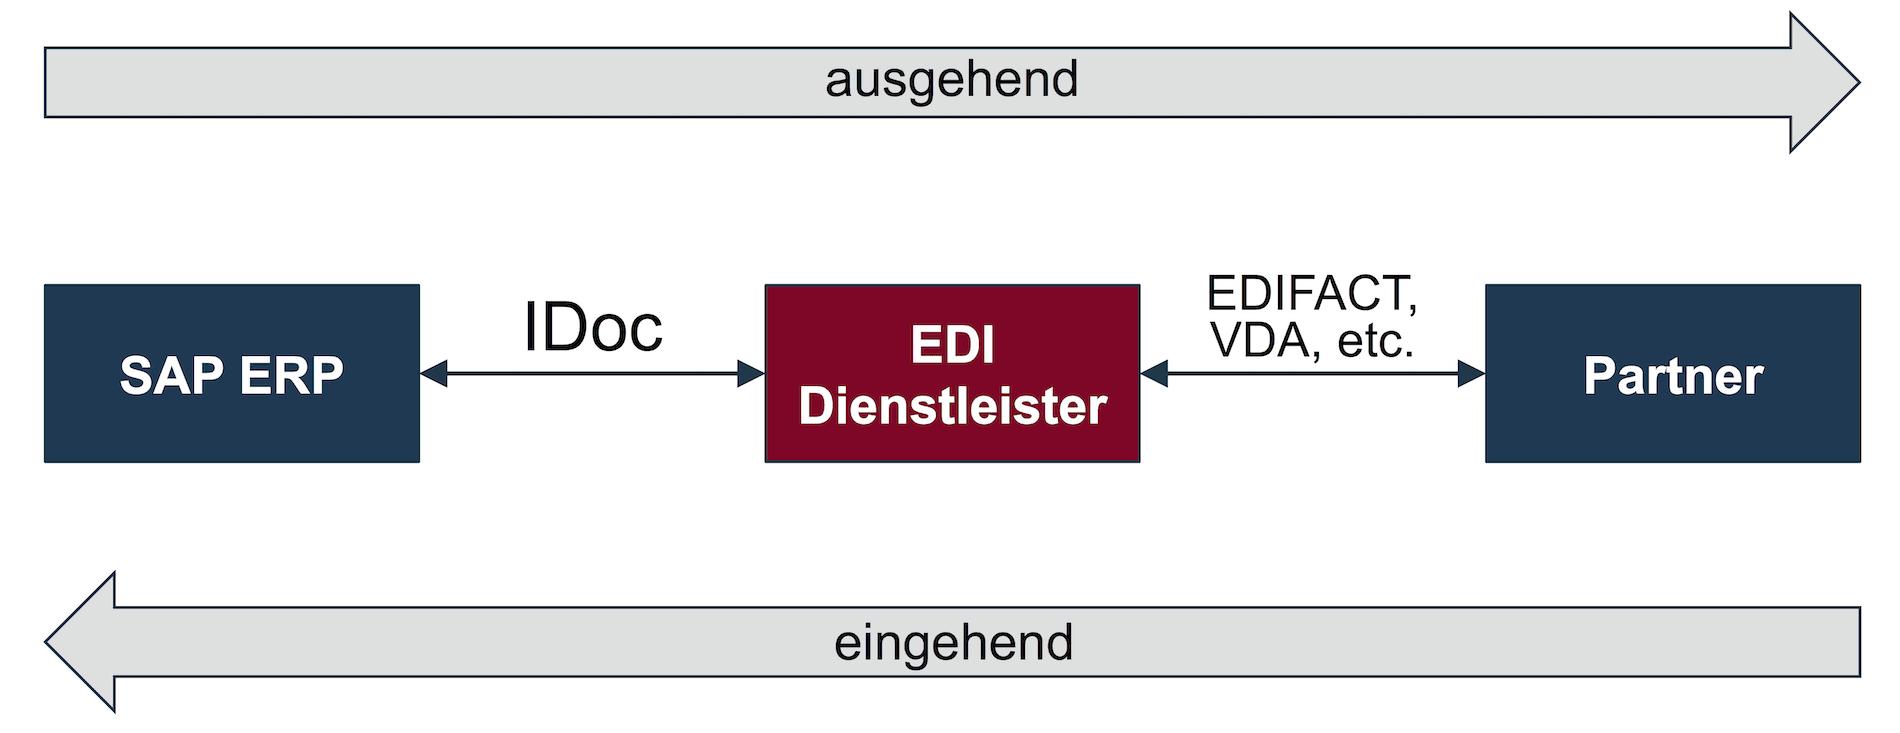 SAP ERP: ein- und ausgehende IDocs